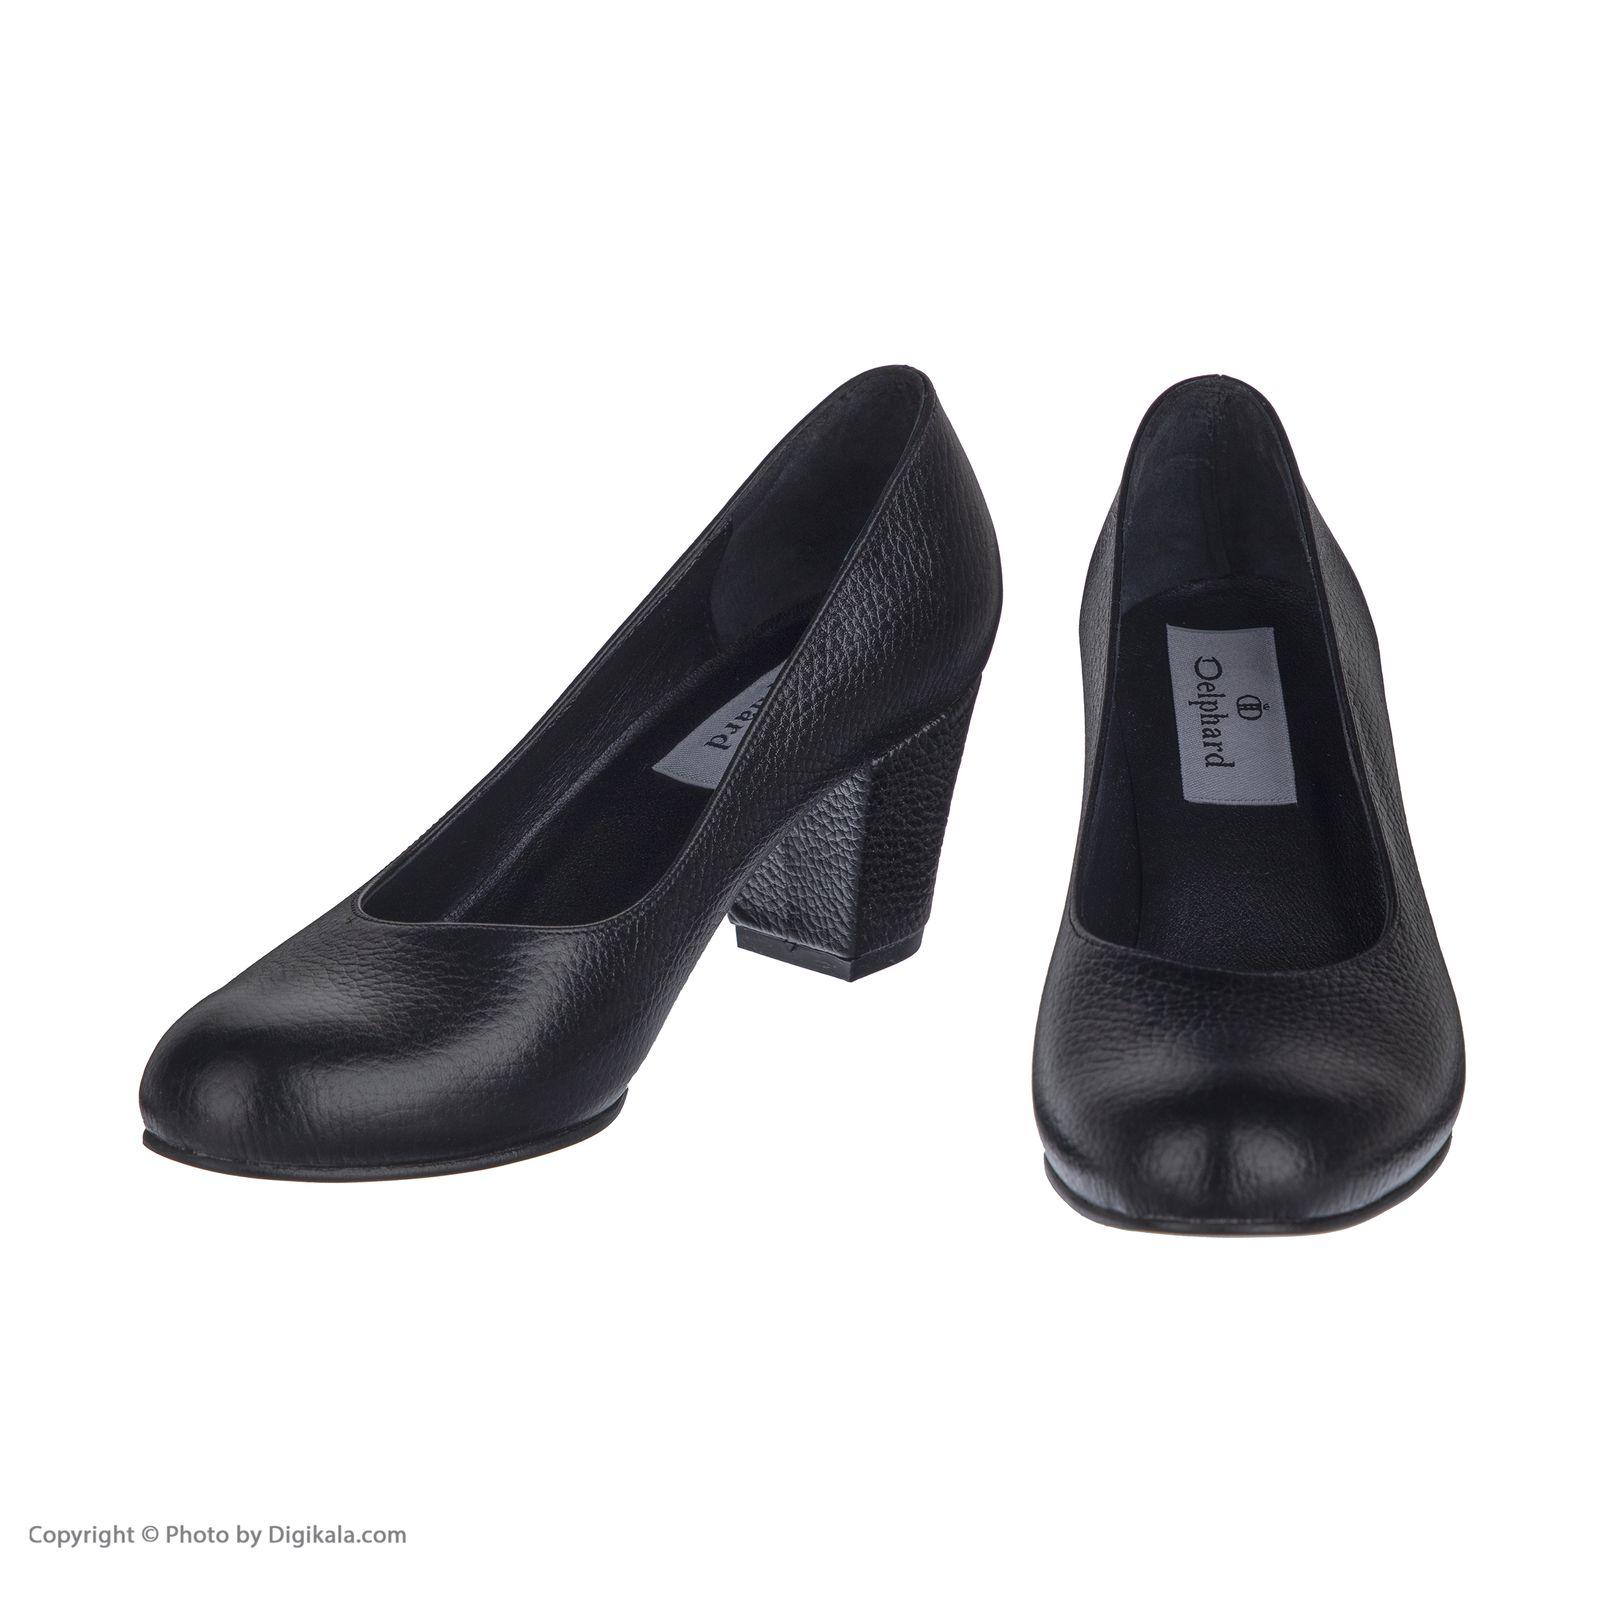 کفش زنانه دلفارد مدل 6394A500101 -  - 4